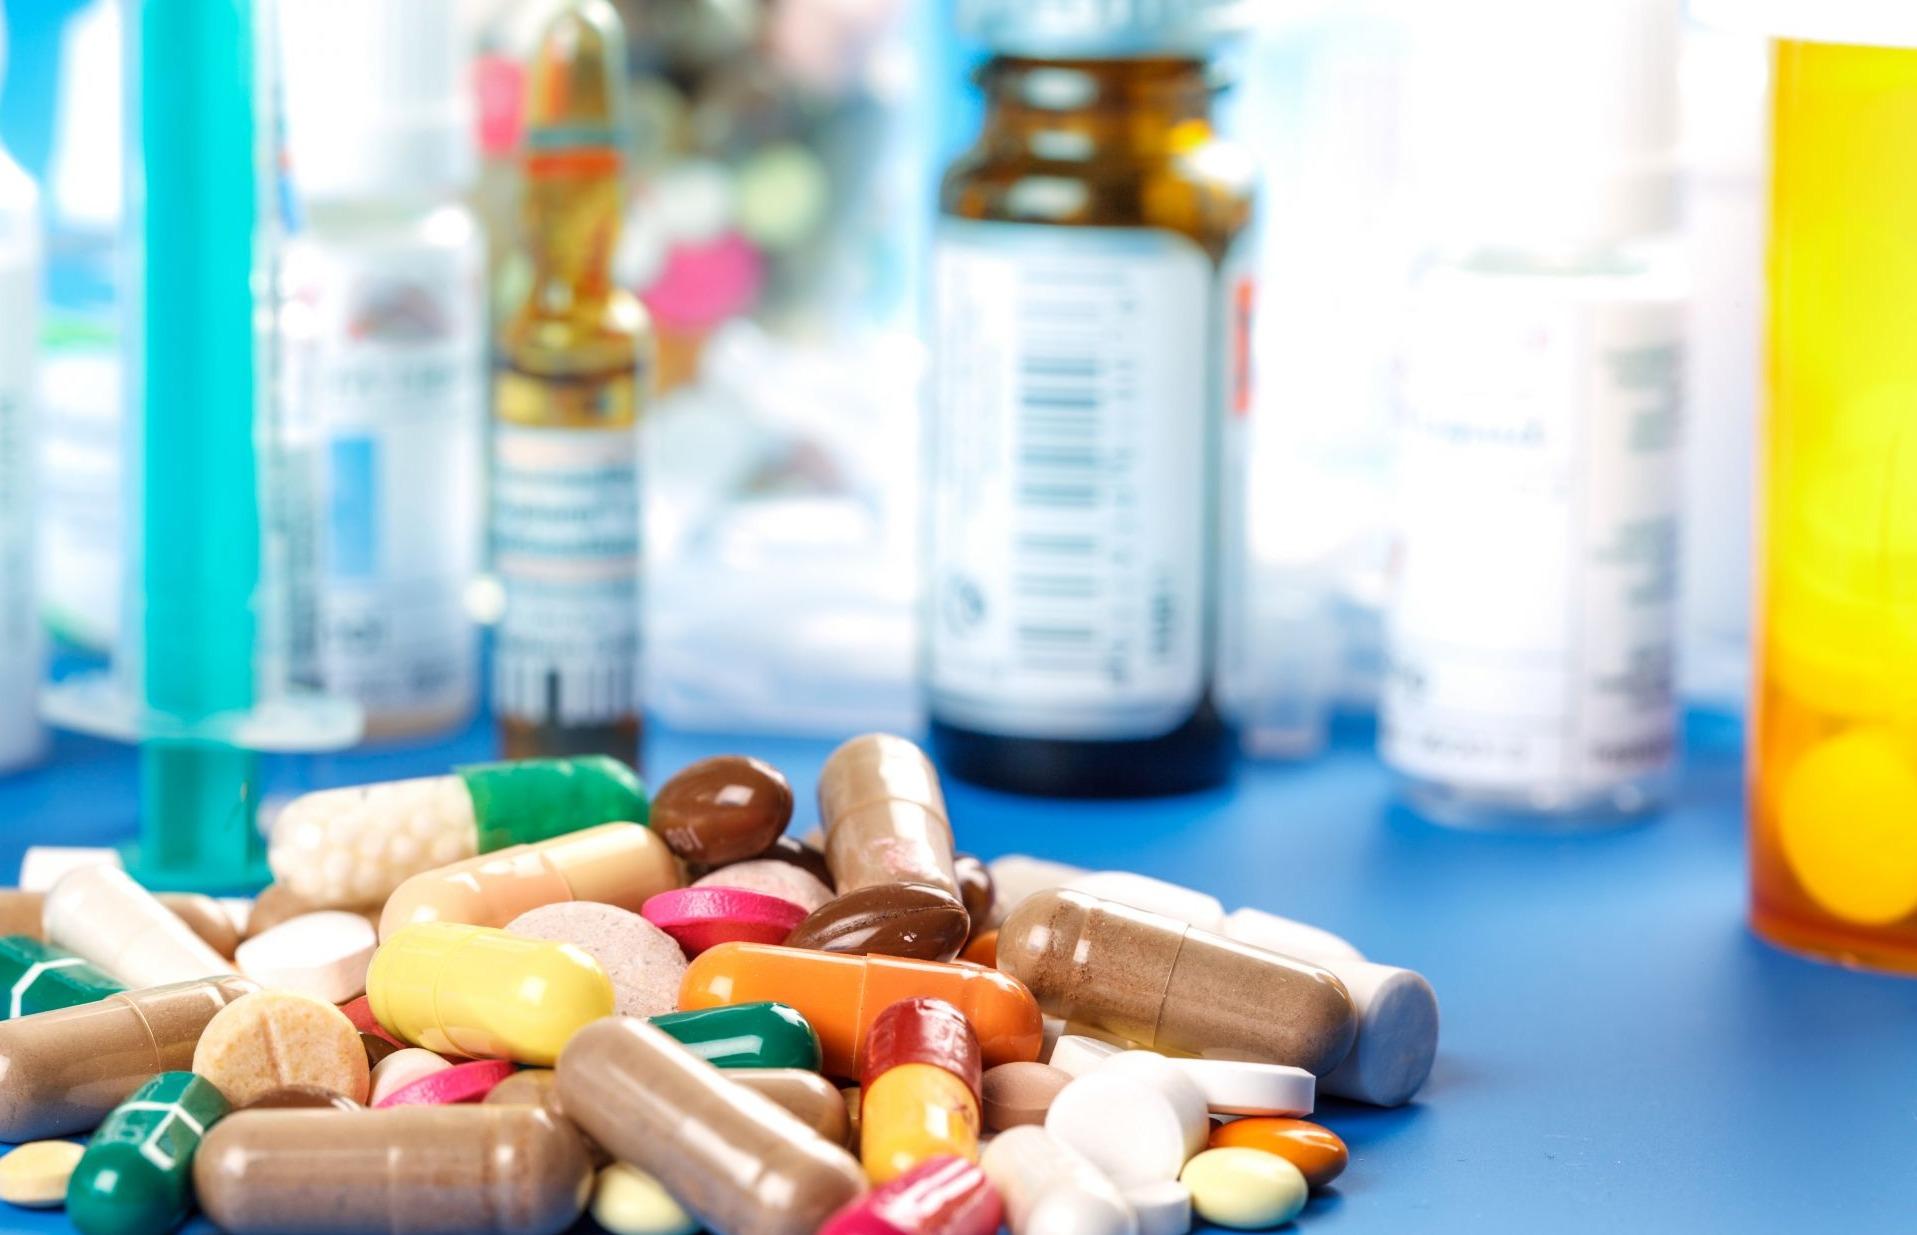 تعرف على خطورة الإكثار من تناول أدوية المضاد الحيوي (فيديو)